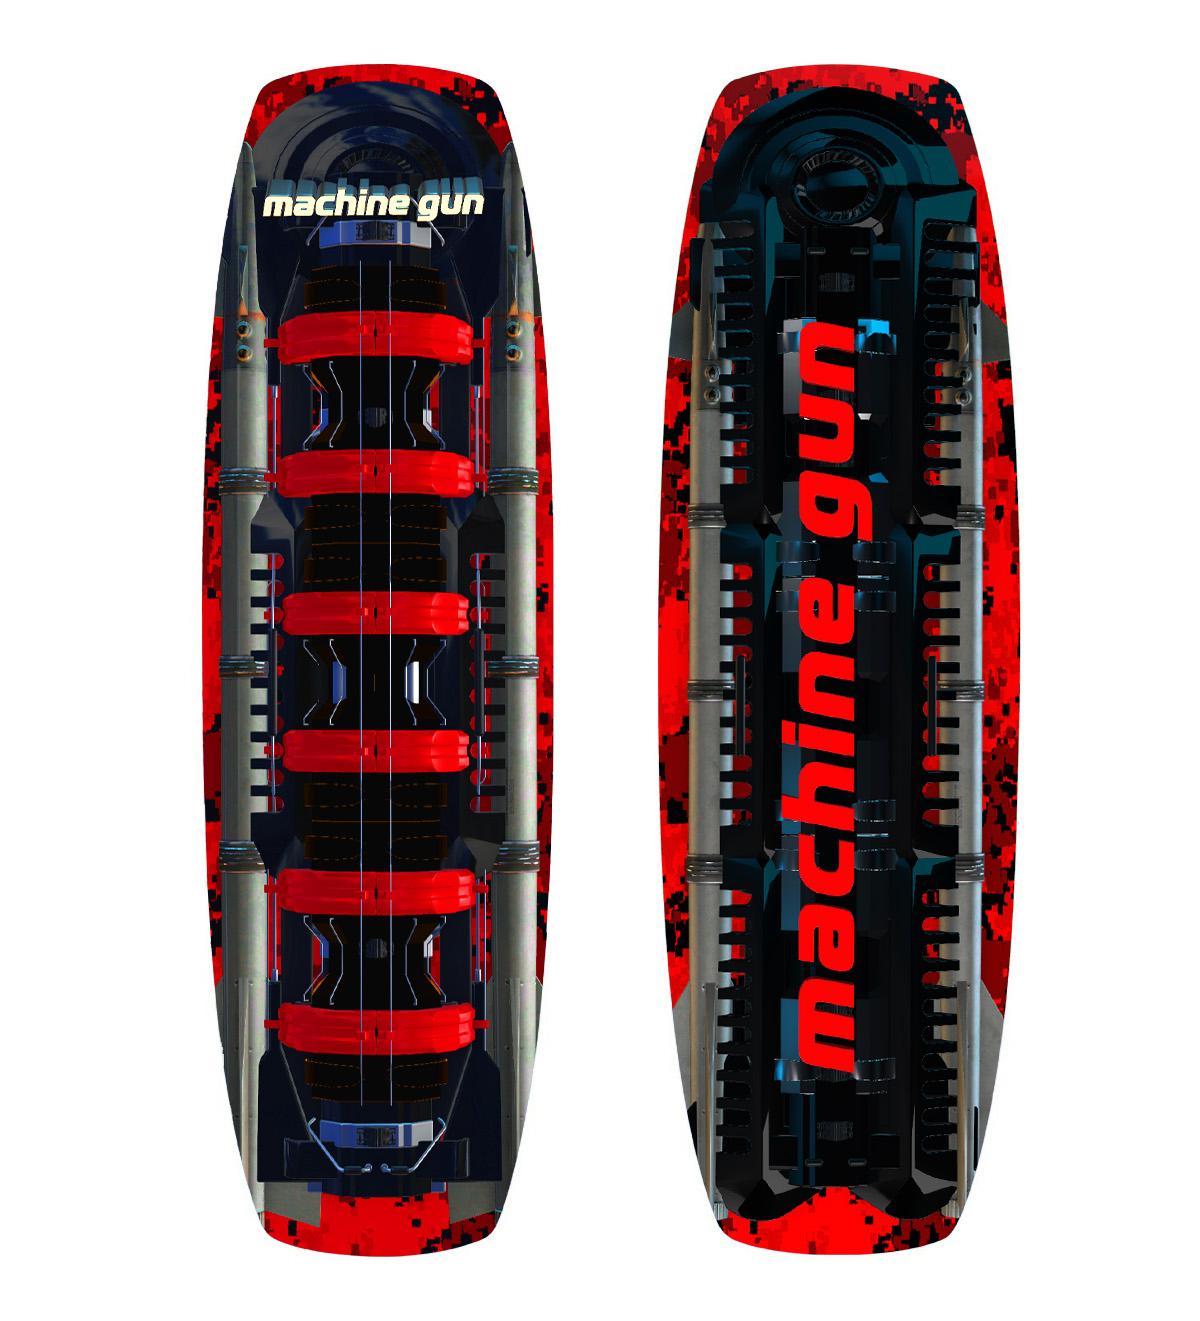 Дизайн принта досок для водных видов спорта (вейк, кайт ) фото f_3495890747228d59.jpg